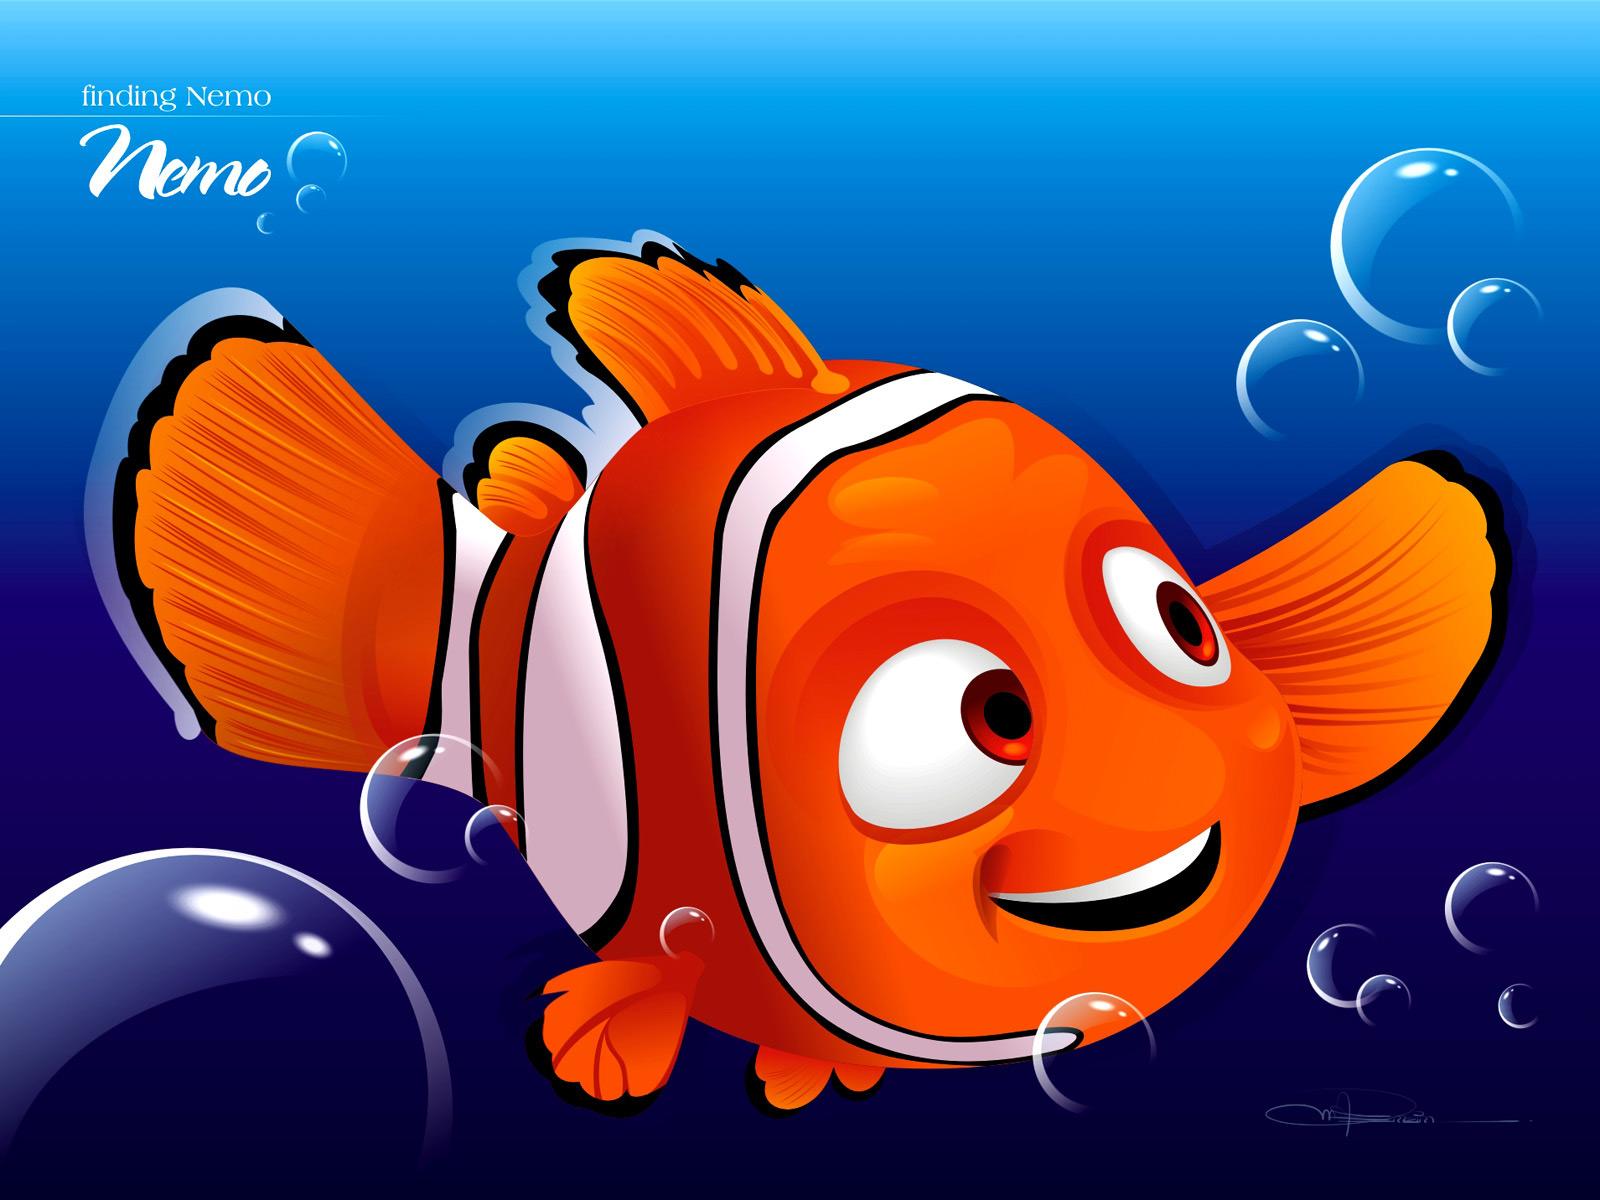 http://3.bp.blogspot.com/_8EZ8_Yk1Tb4/TDieHF-c39I/AAAAAAAAAao/oGQiqUCYQ8Q/s1600/buscando-a-nemo222.jpg